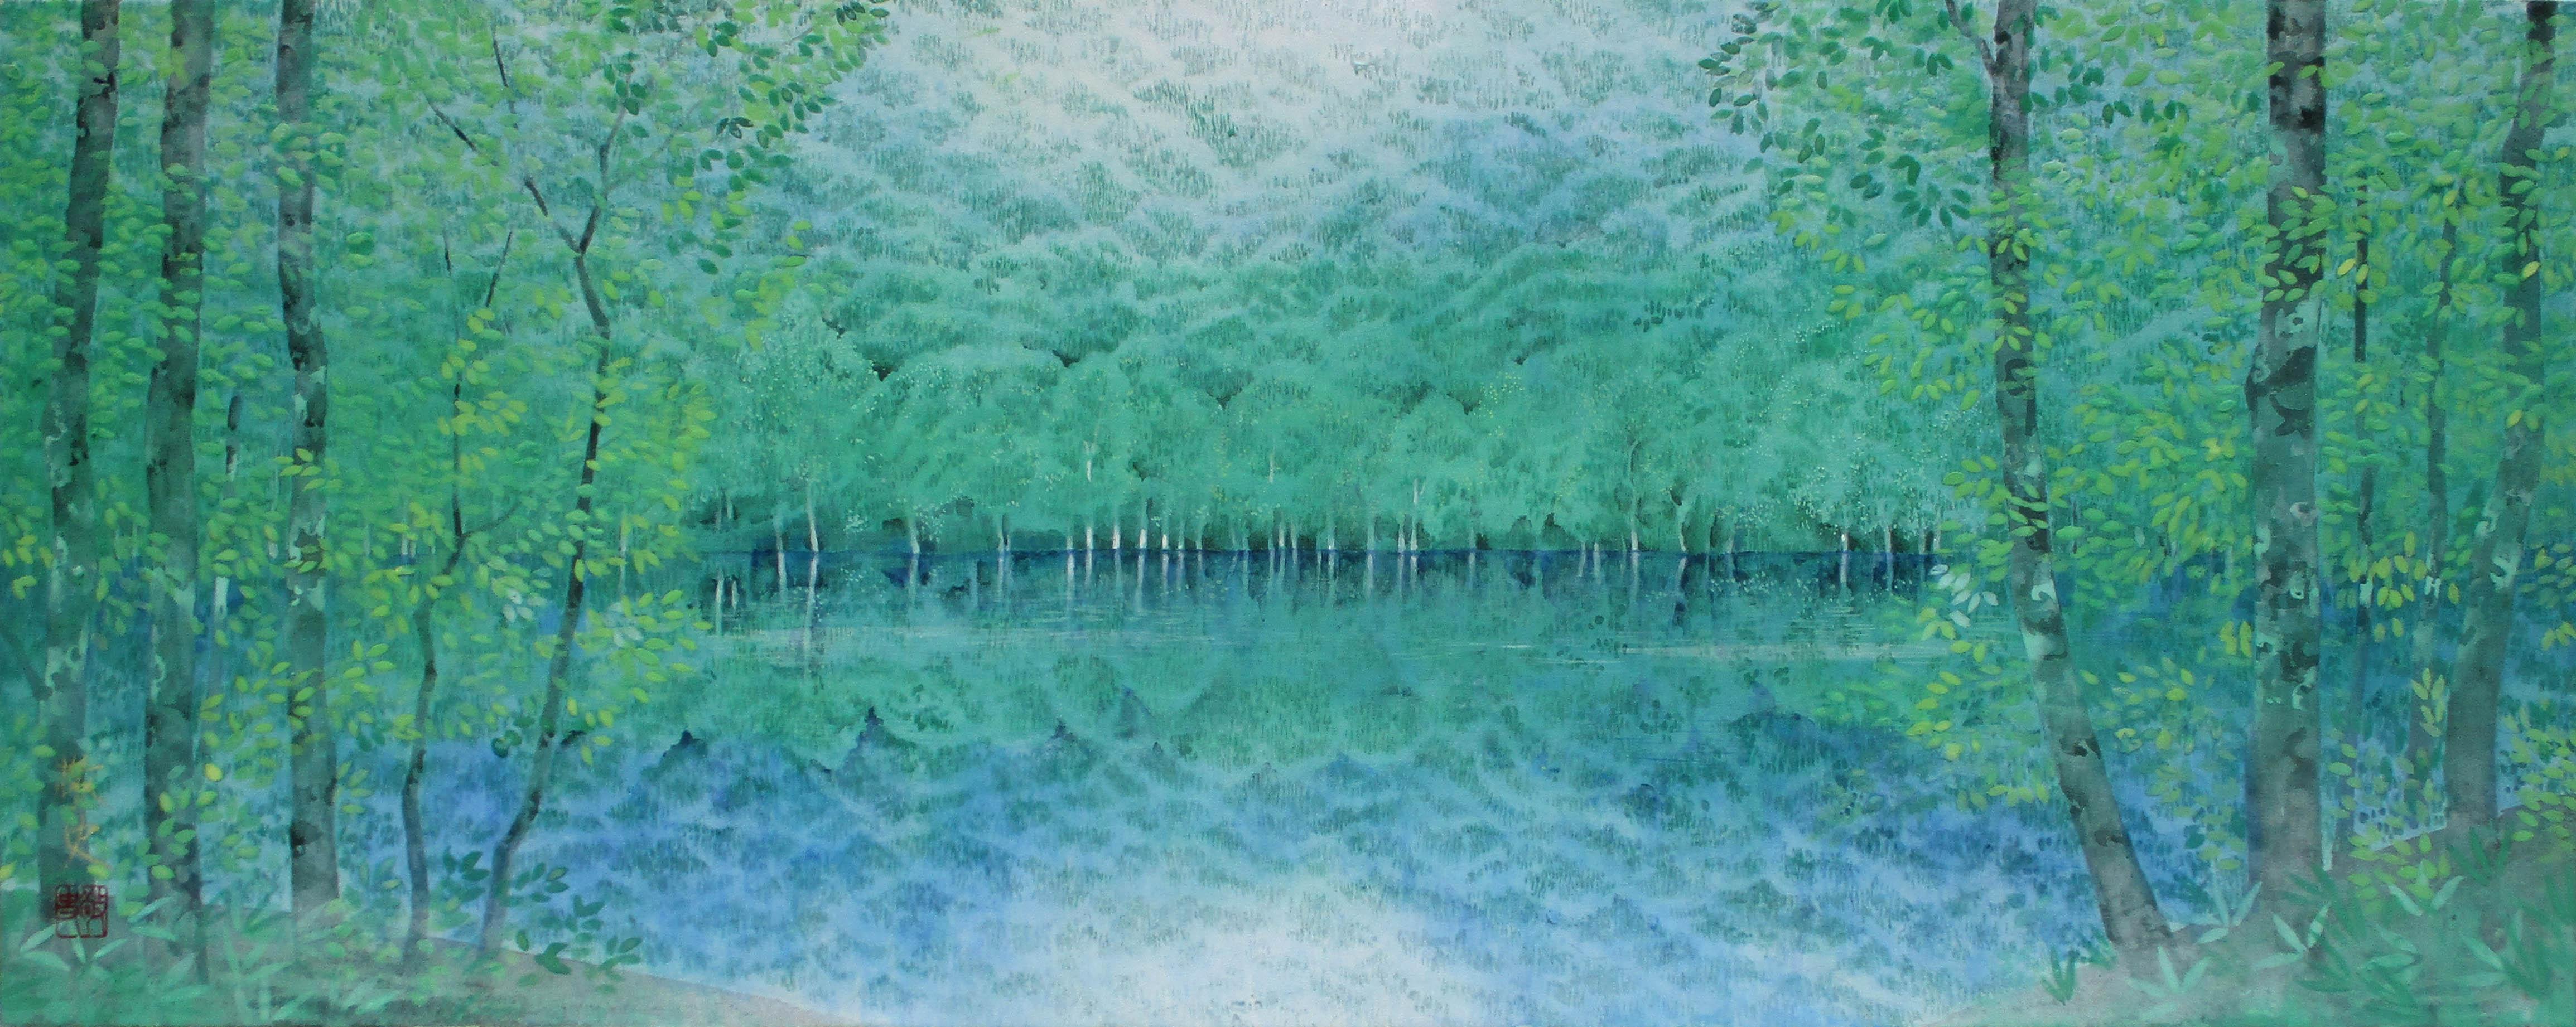 727×290(変20) 朝霧の森